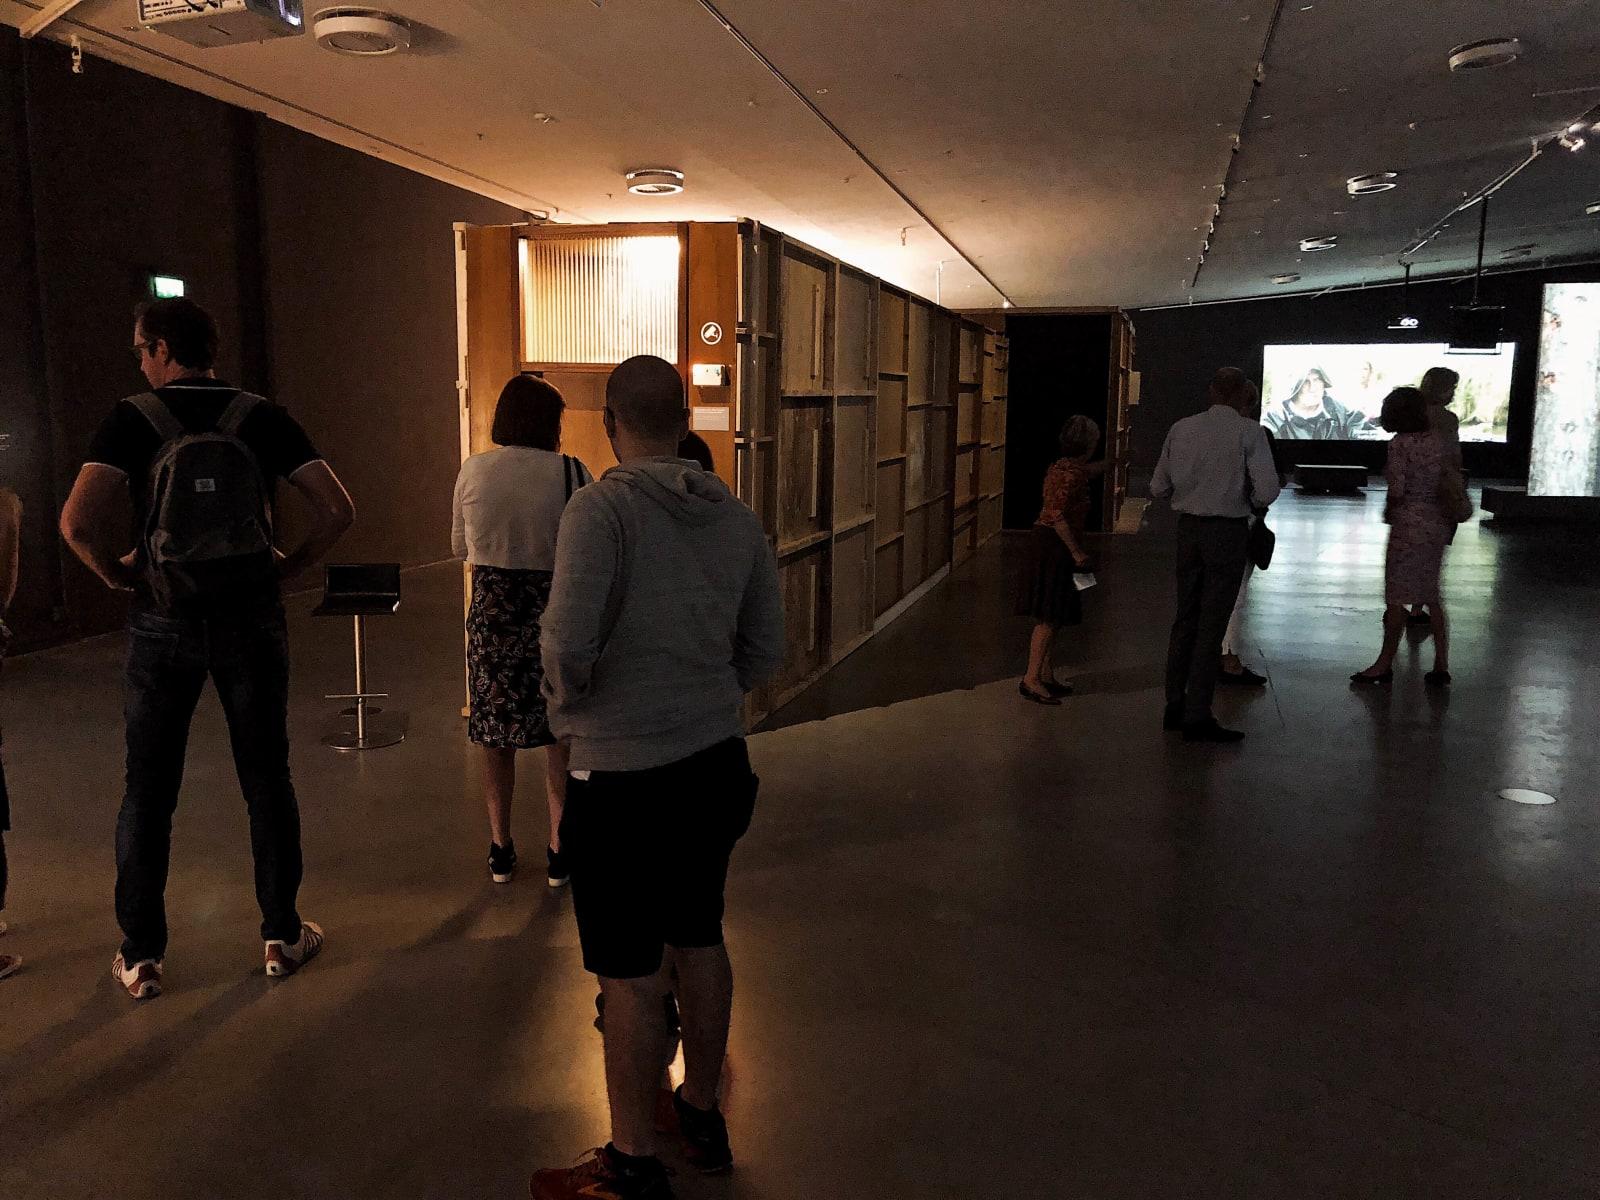 Alex van Warmerdam, Kamer (installation view at Eye Filmmuseum, Amsterdam), 2017 - 2018